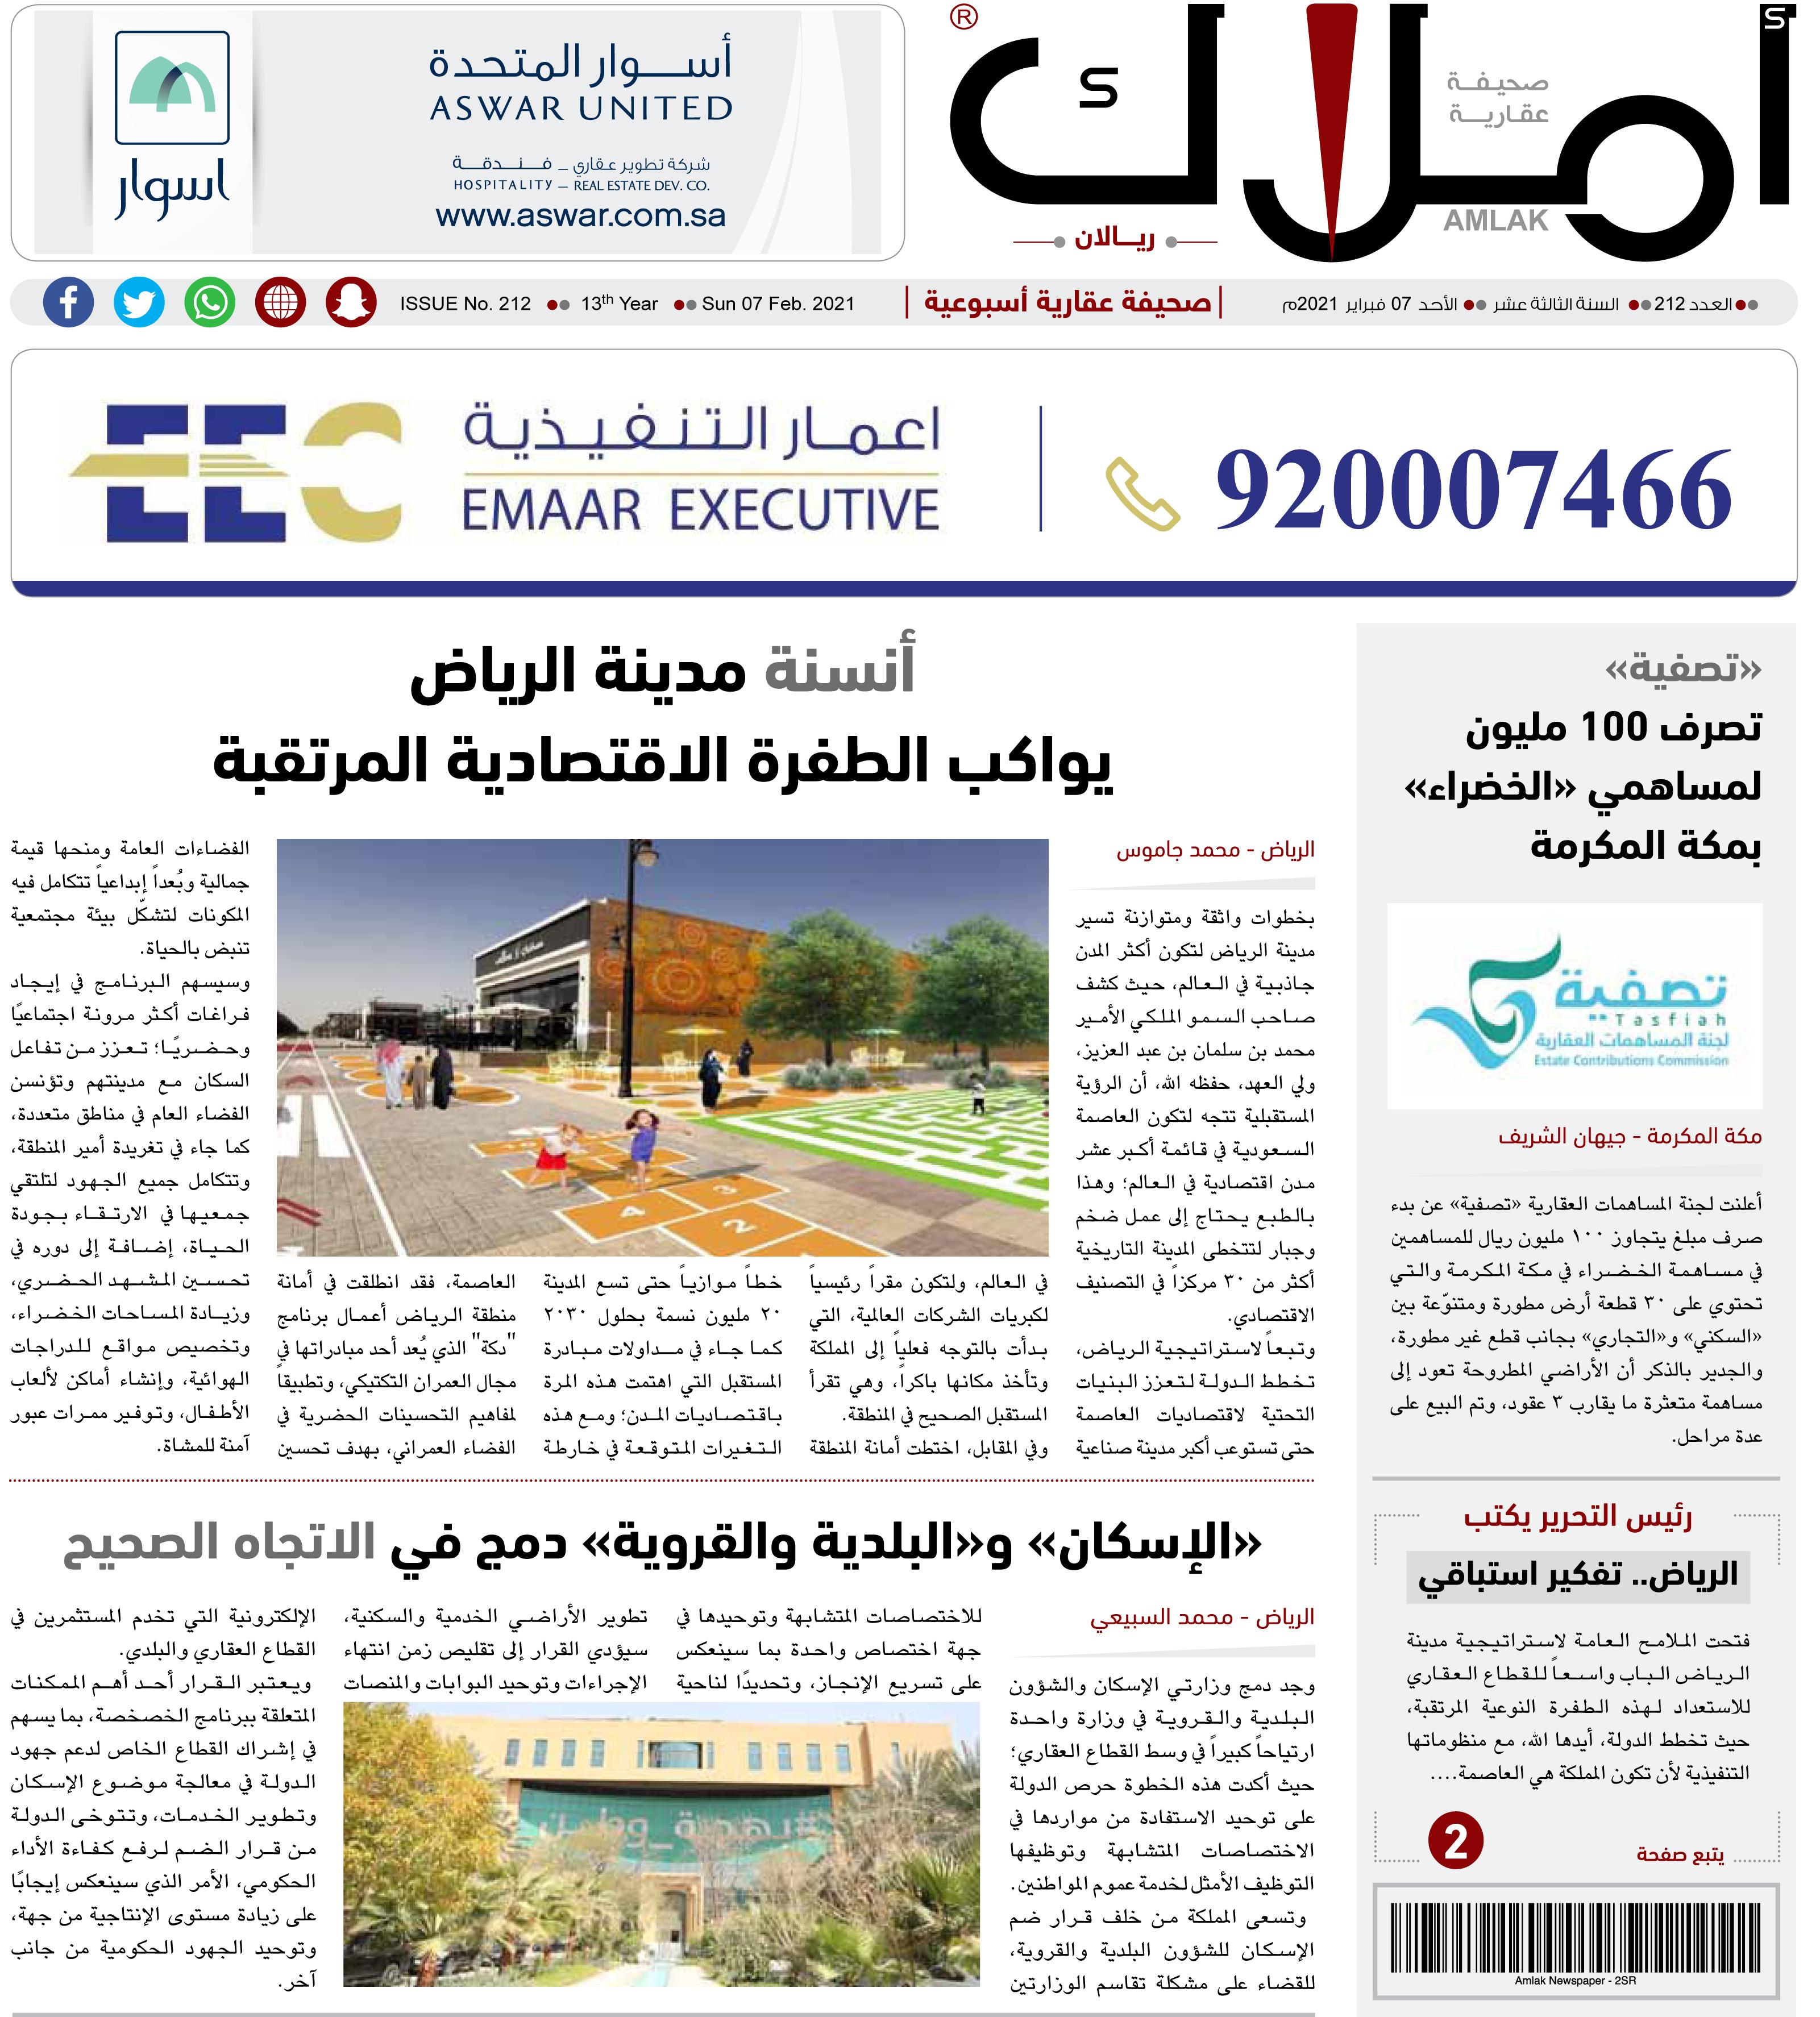 أنسنة الرياض